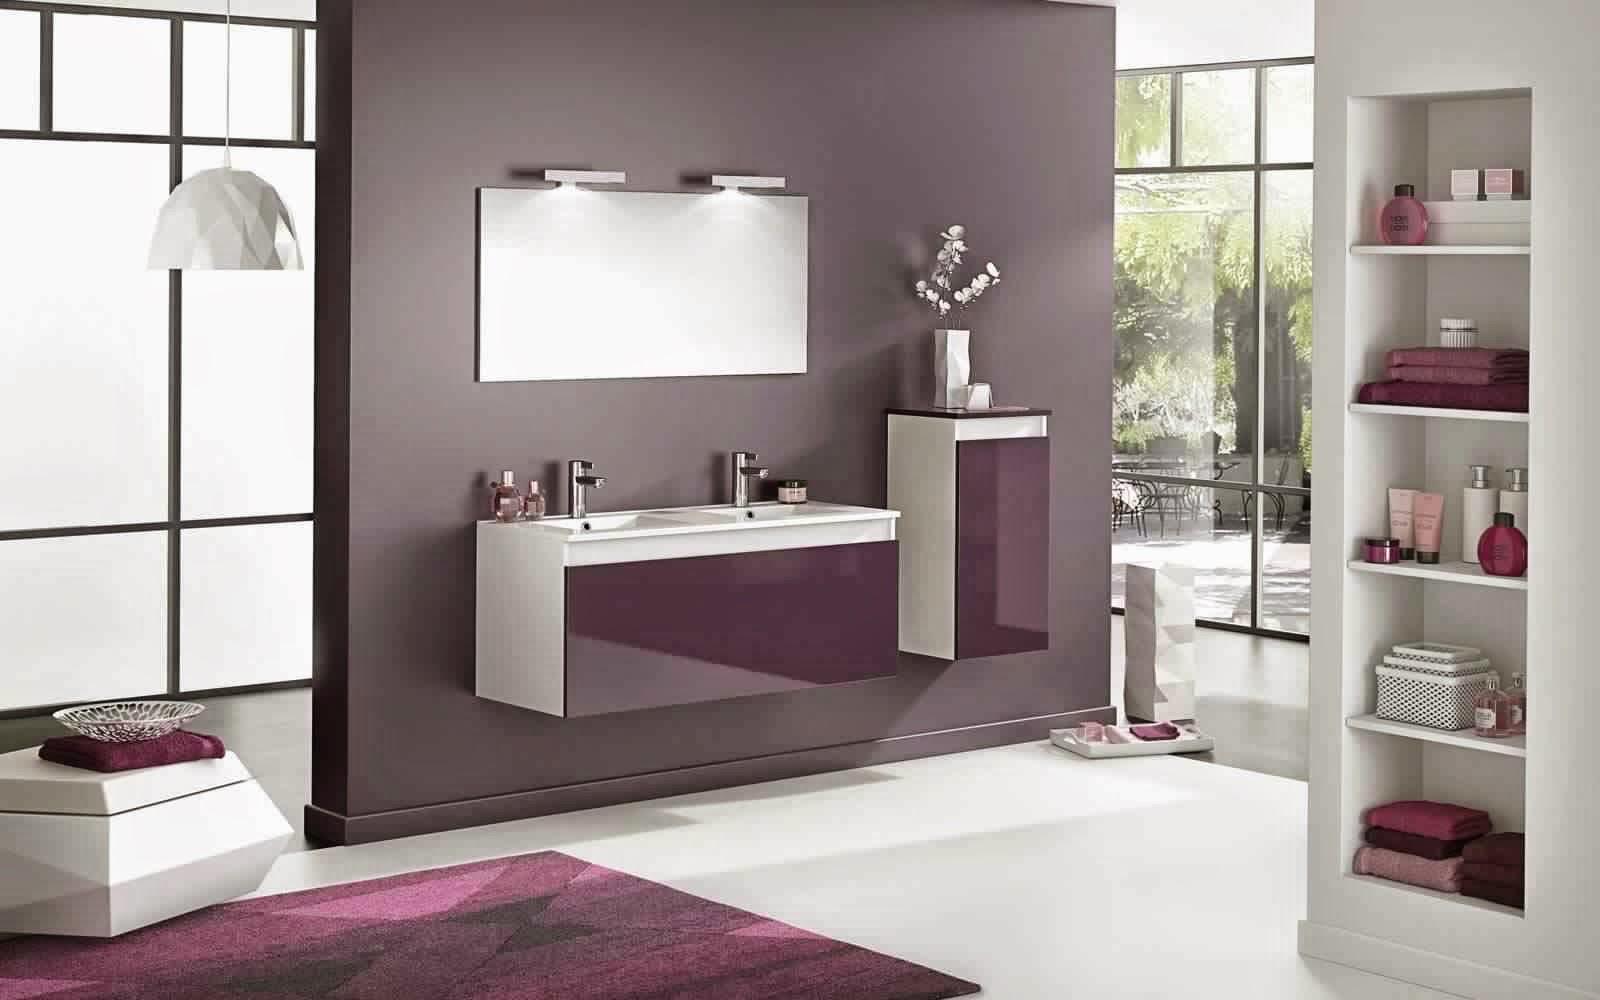 Meubles de salle de bain meuble d coration maison for Meuble de salle de bain